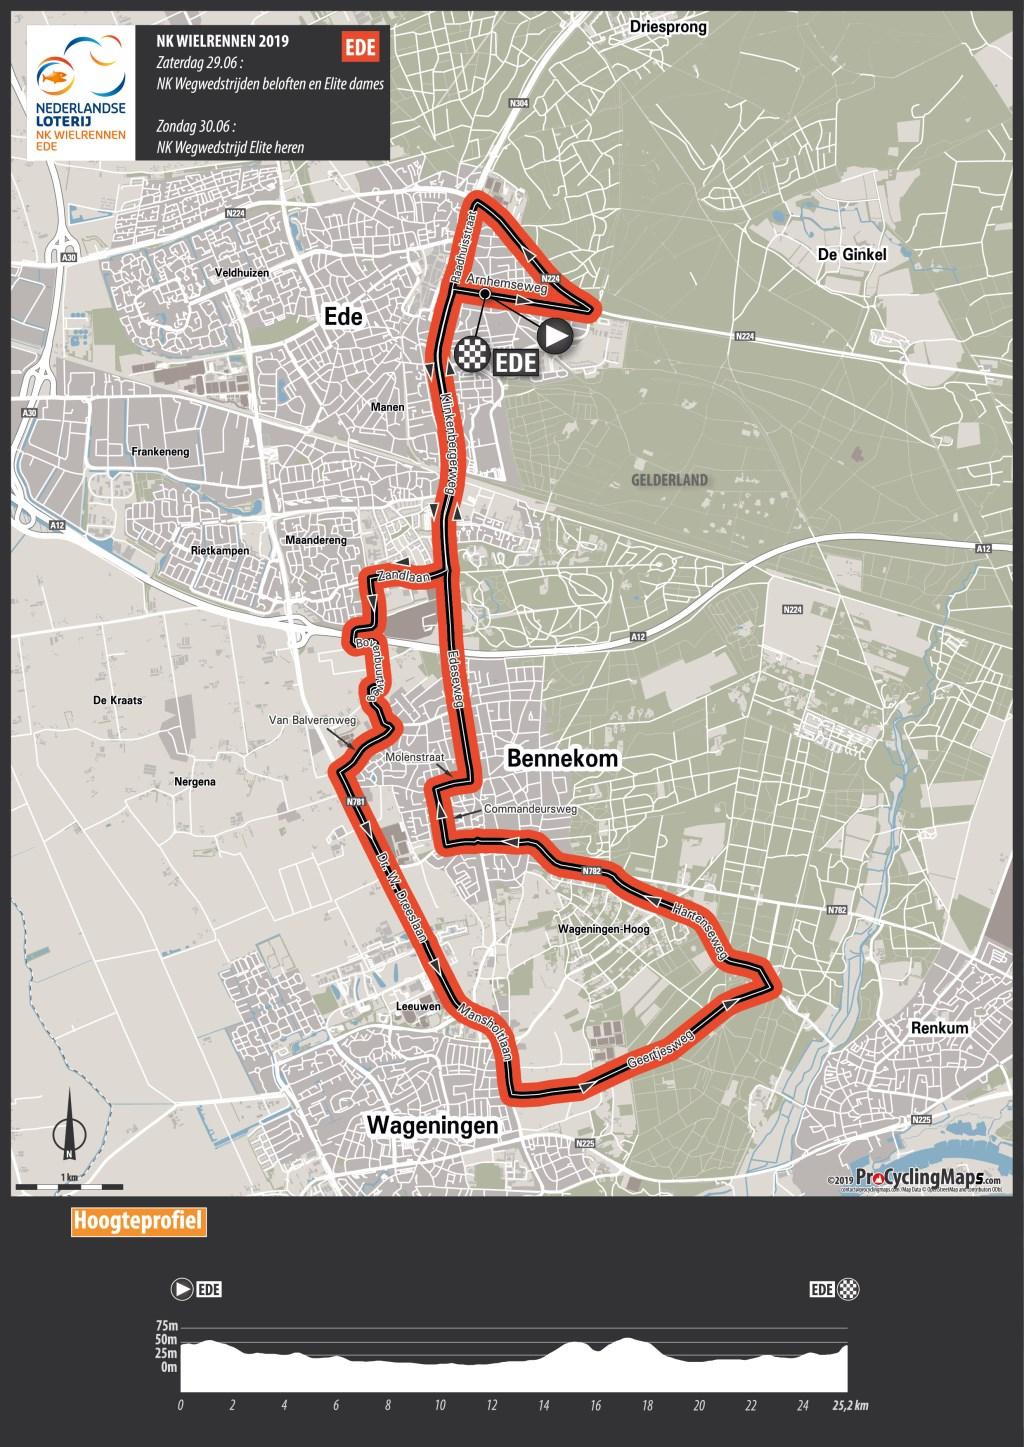 Het parcours van de wegwedstrijd van het NK Wielrennen in Ede.